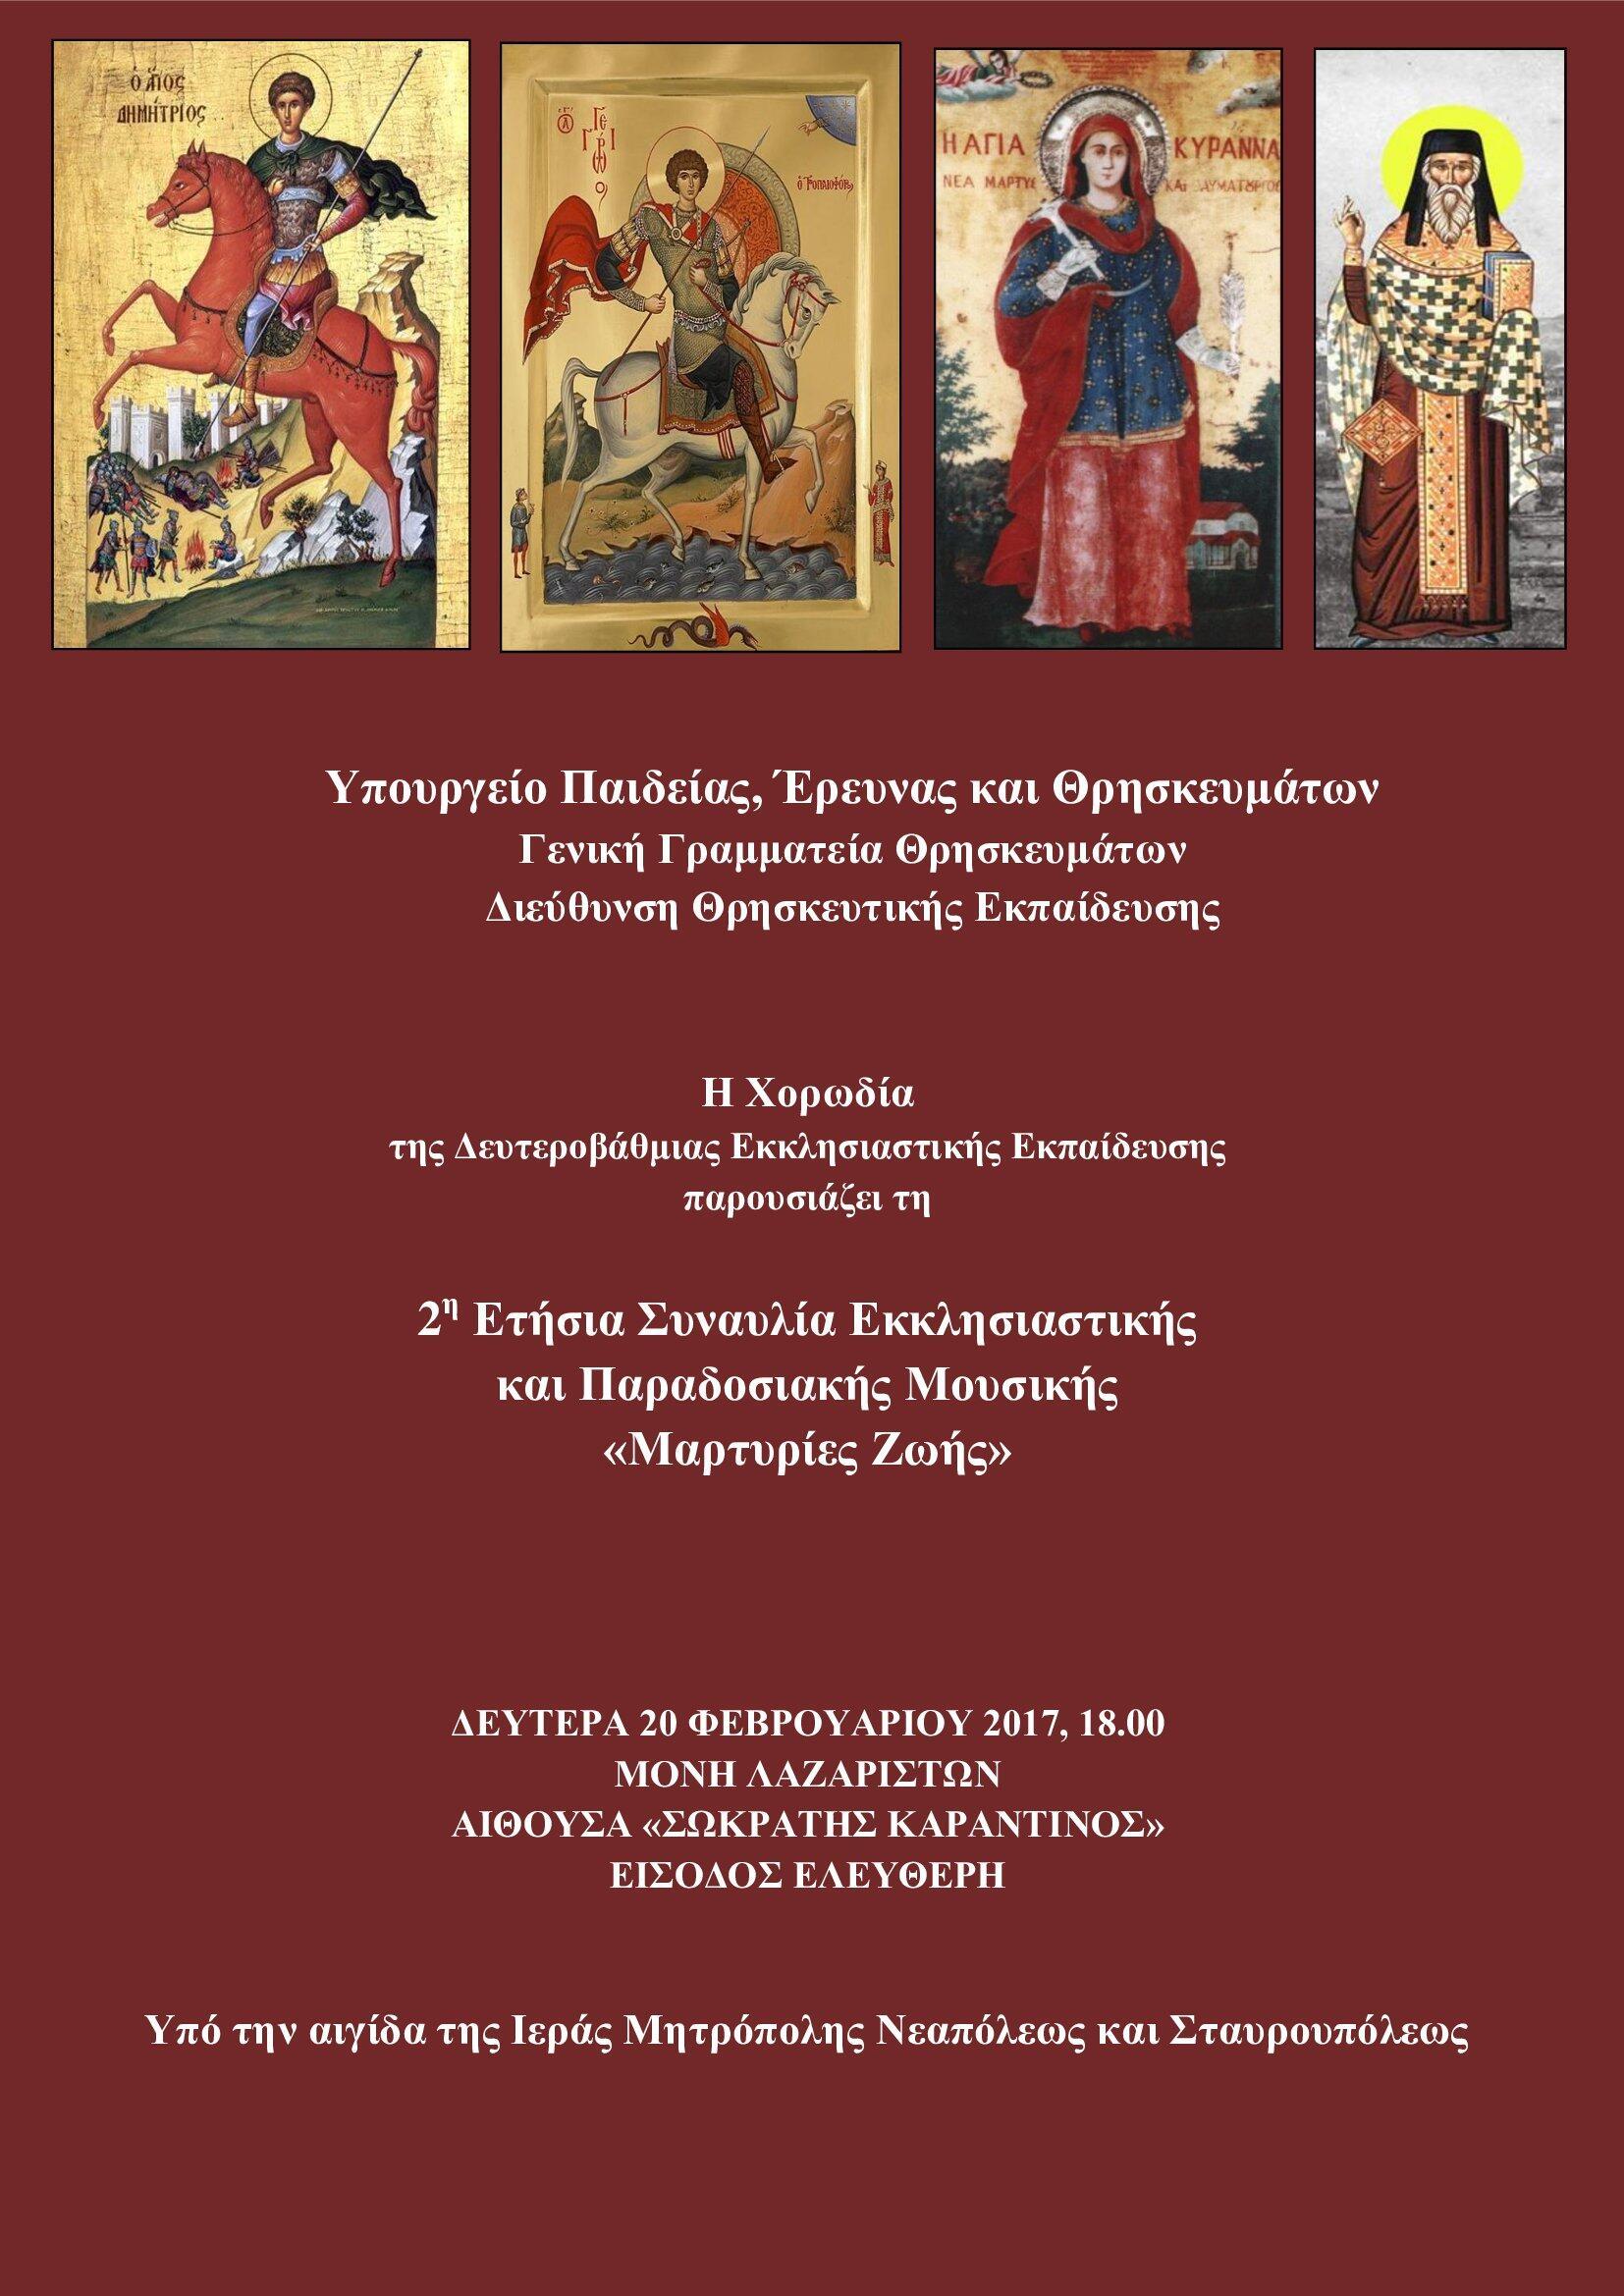 Συναυλία Εκκλησιαστικής και Παραδοσιακής Μουσικής της χορωδίας της Δευτεροβάθμιας Εκκλησιαστικής Εκπαίδευσης